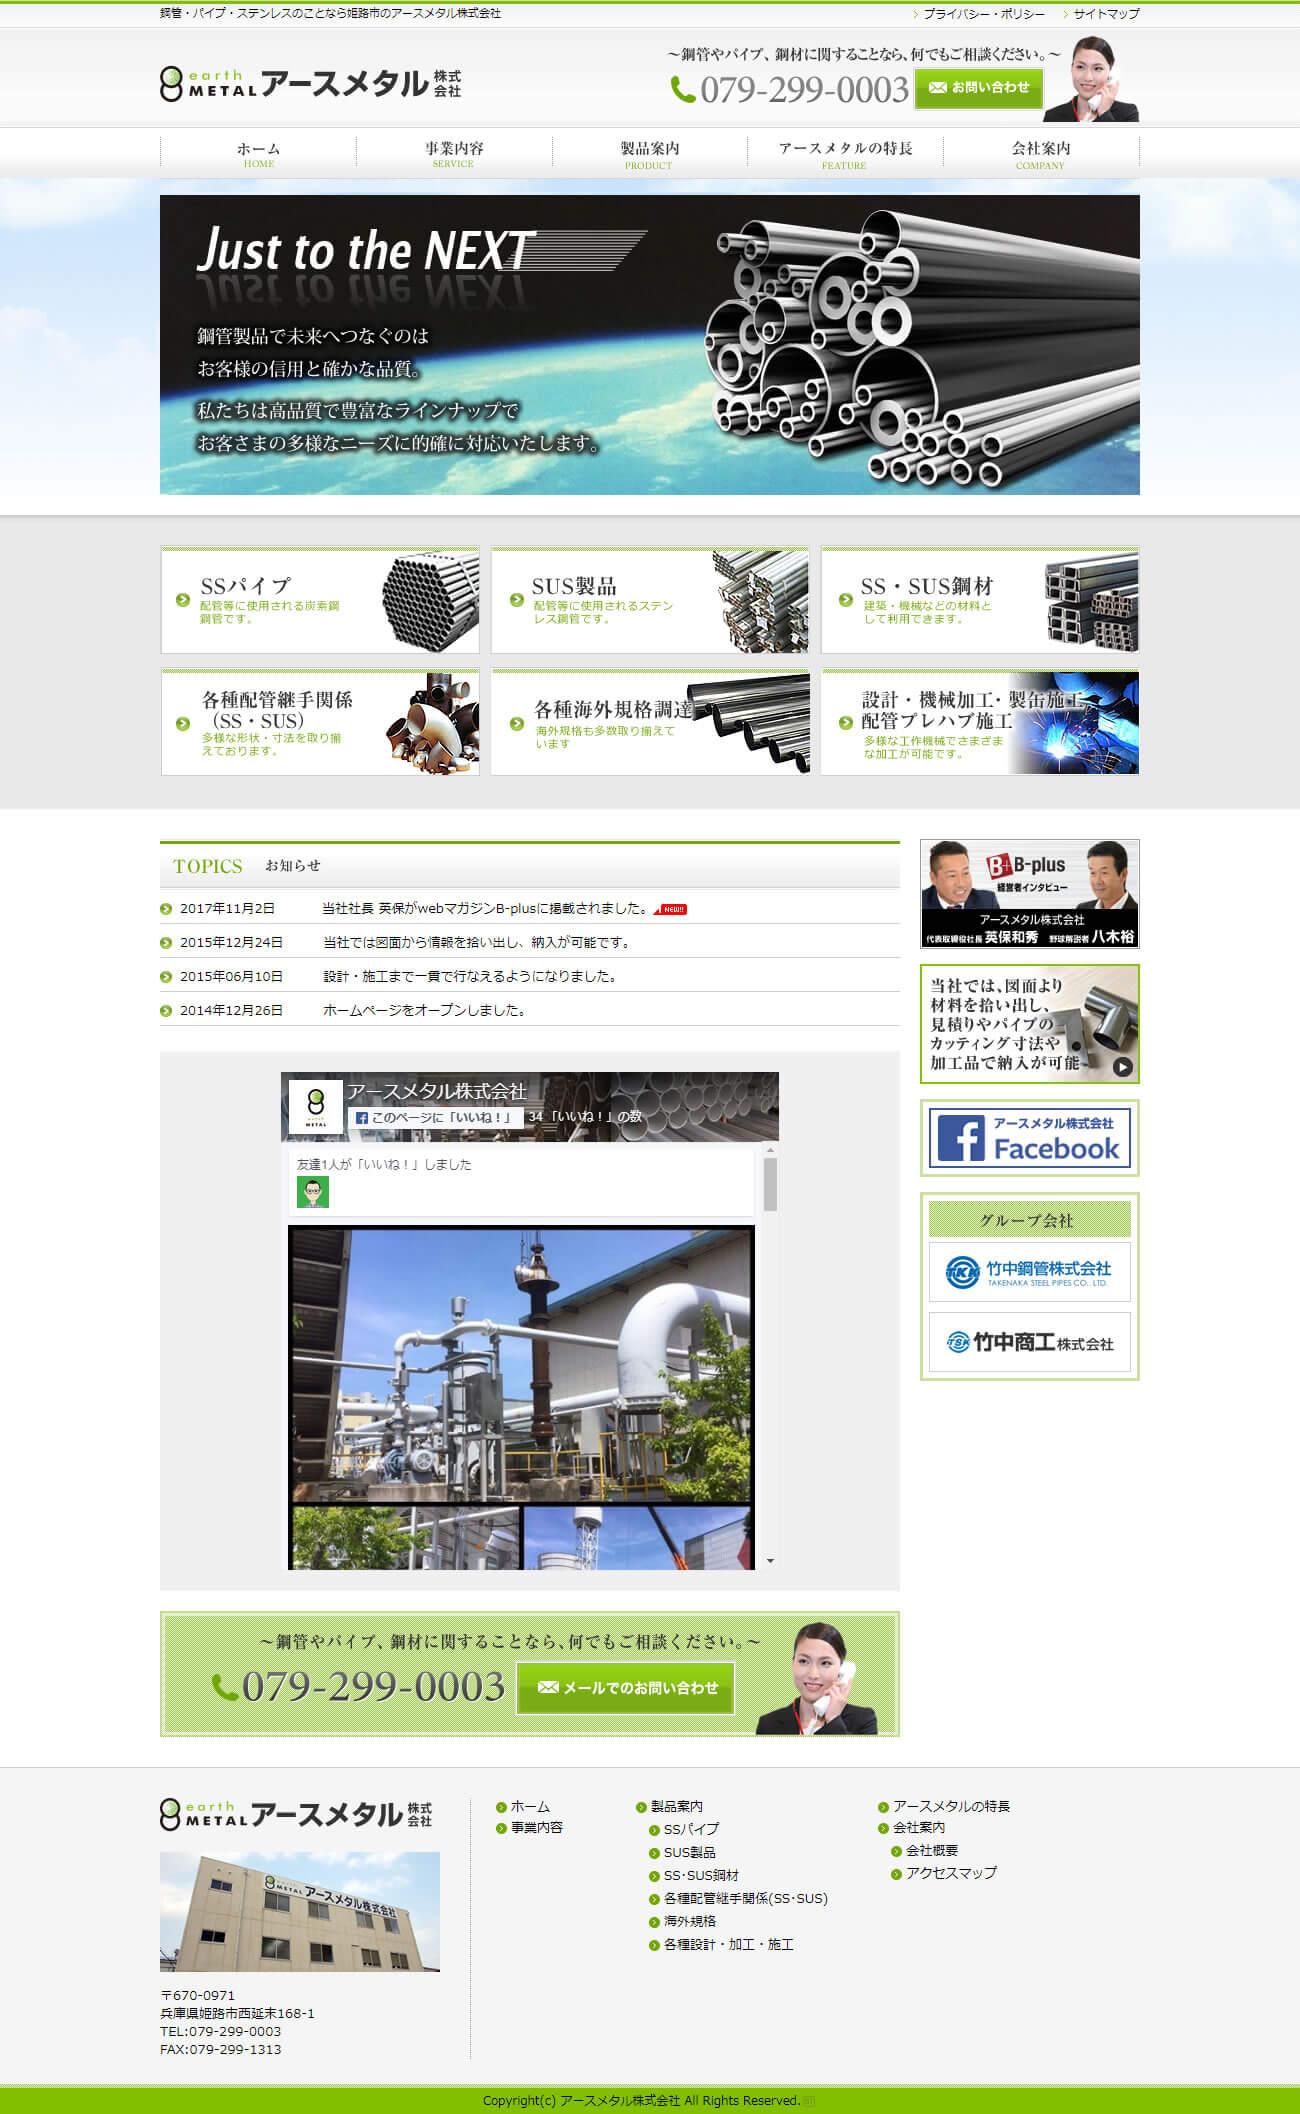 姫路市 アースメタル株式会社様 ホームページ制作1